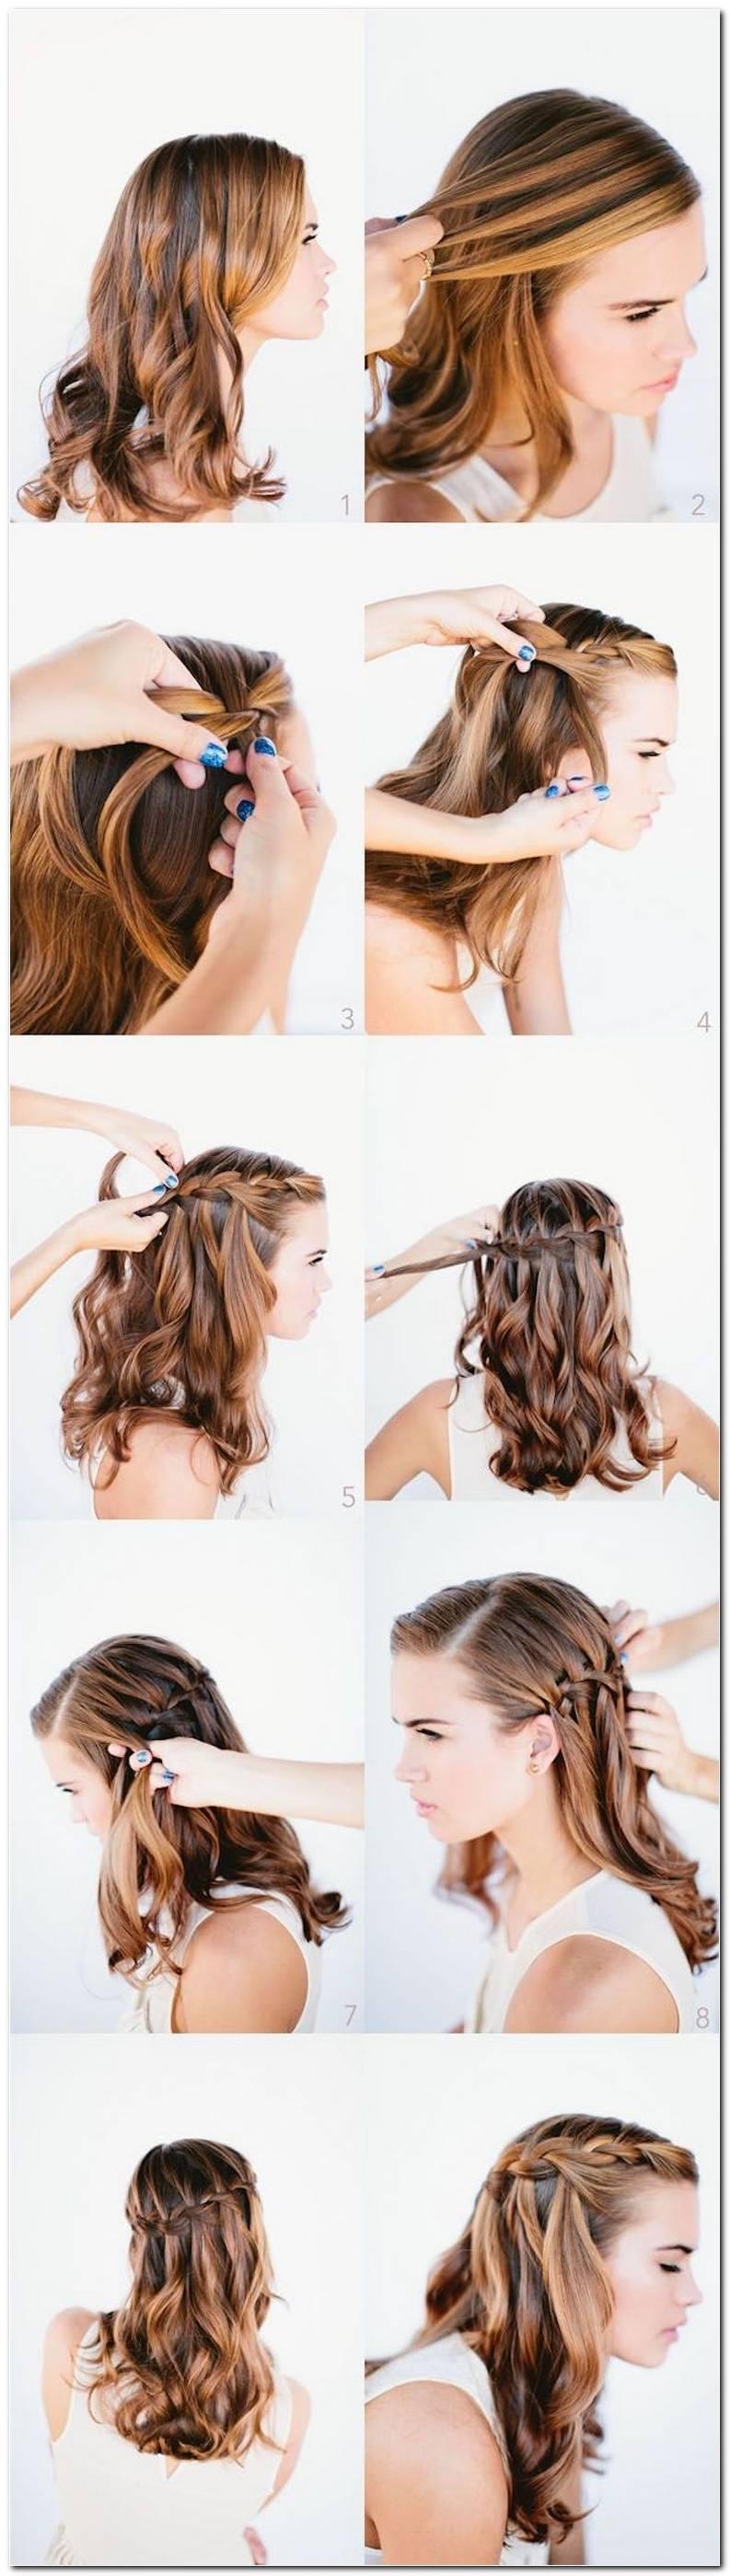 Einfache Wiesn Frisuren Selber Machen